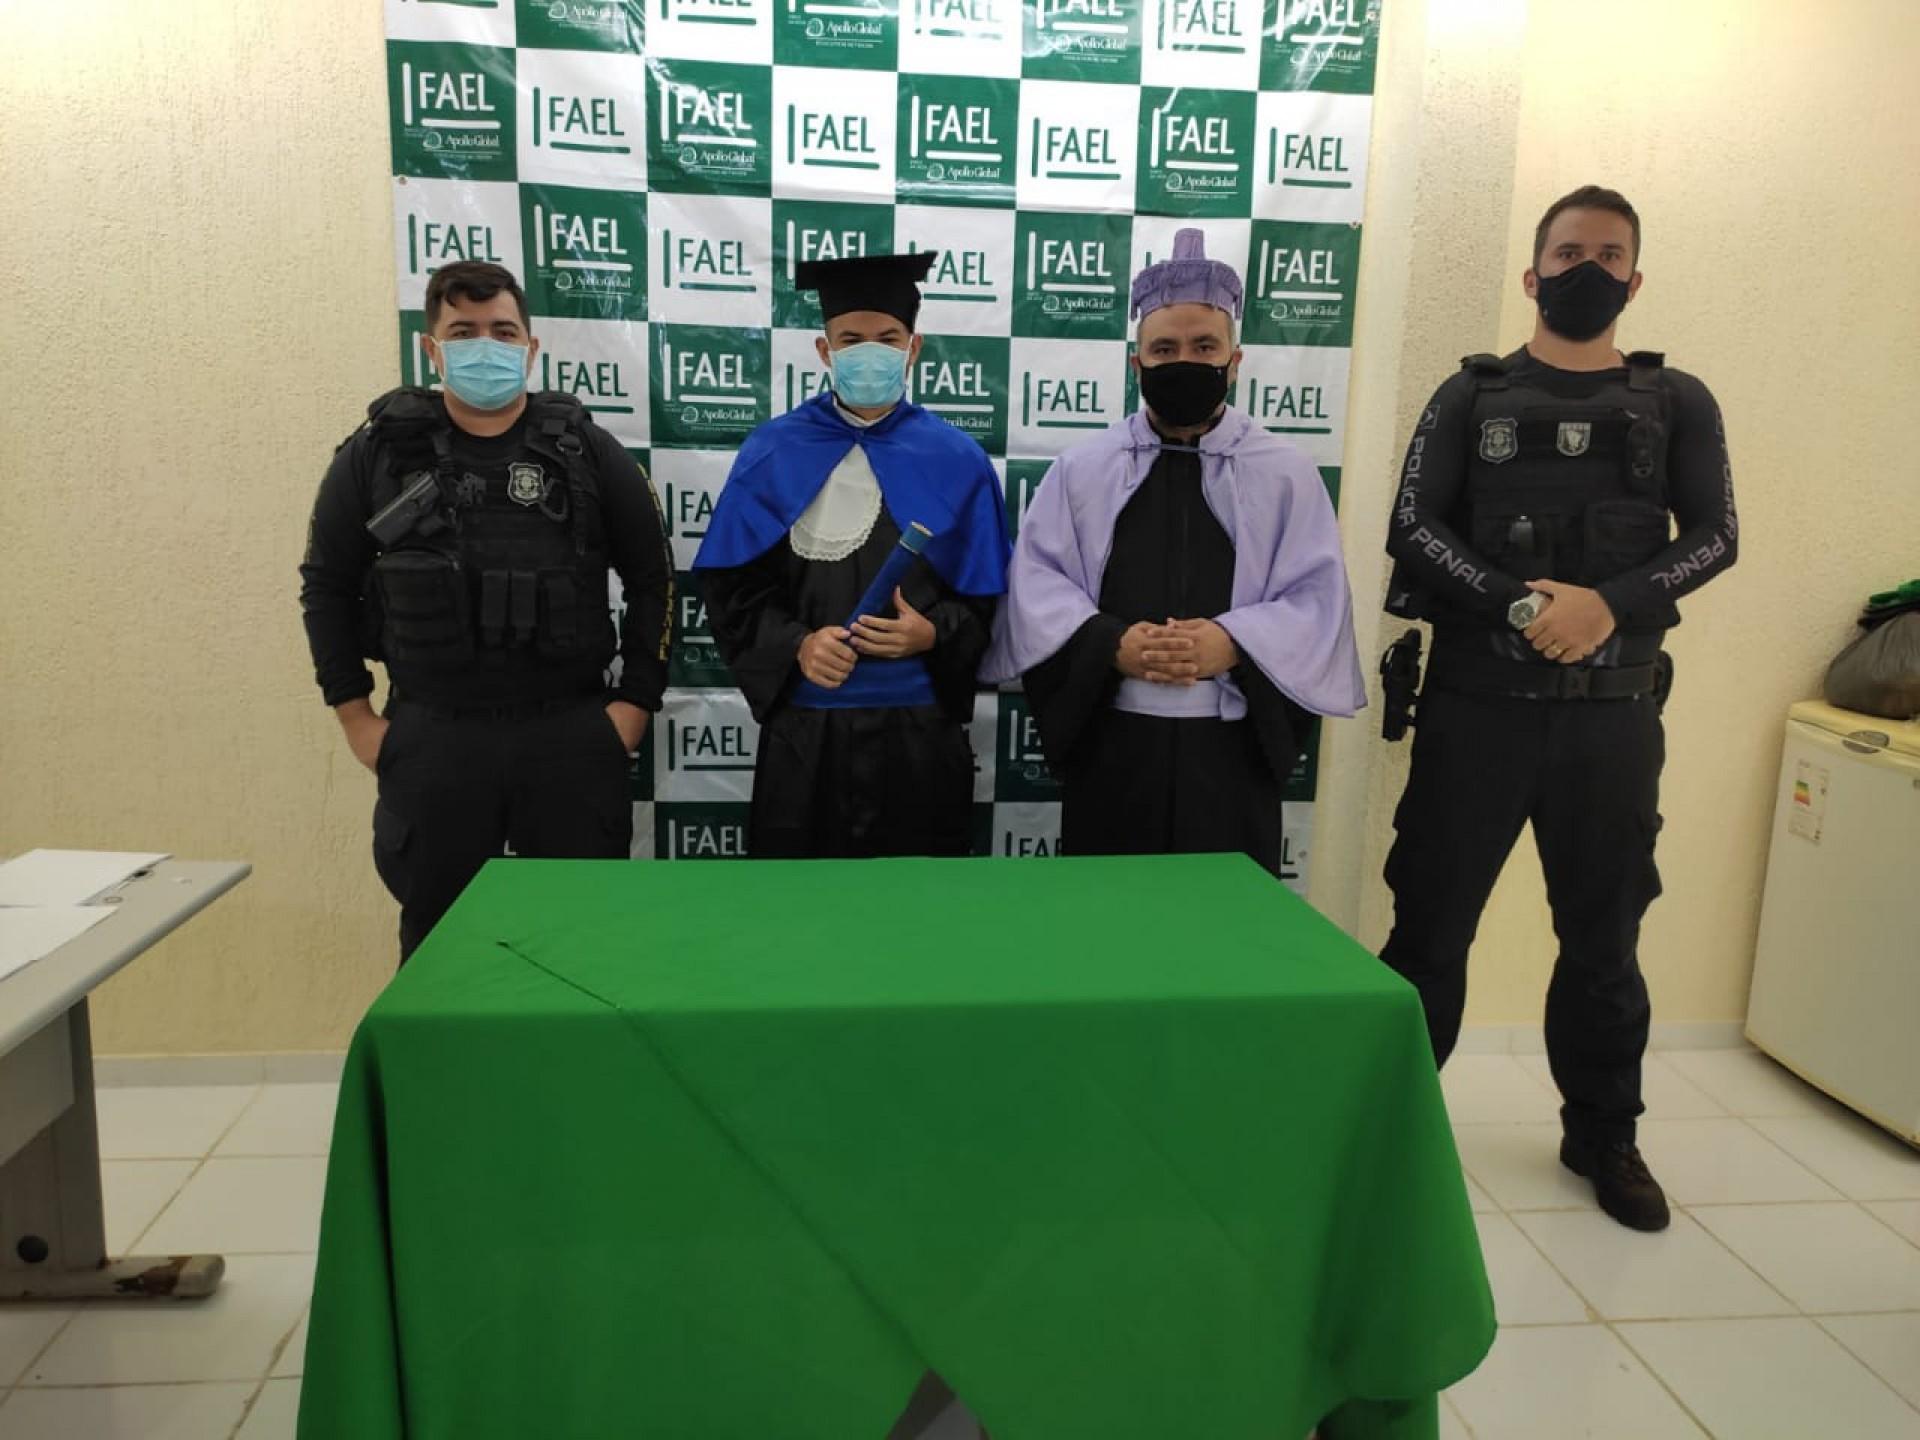 Além de Kayo, outros 12 internos da unidade estão cadastrados em aulas no ensino superior